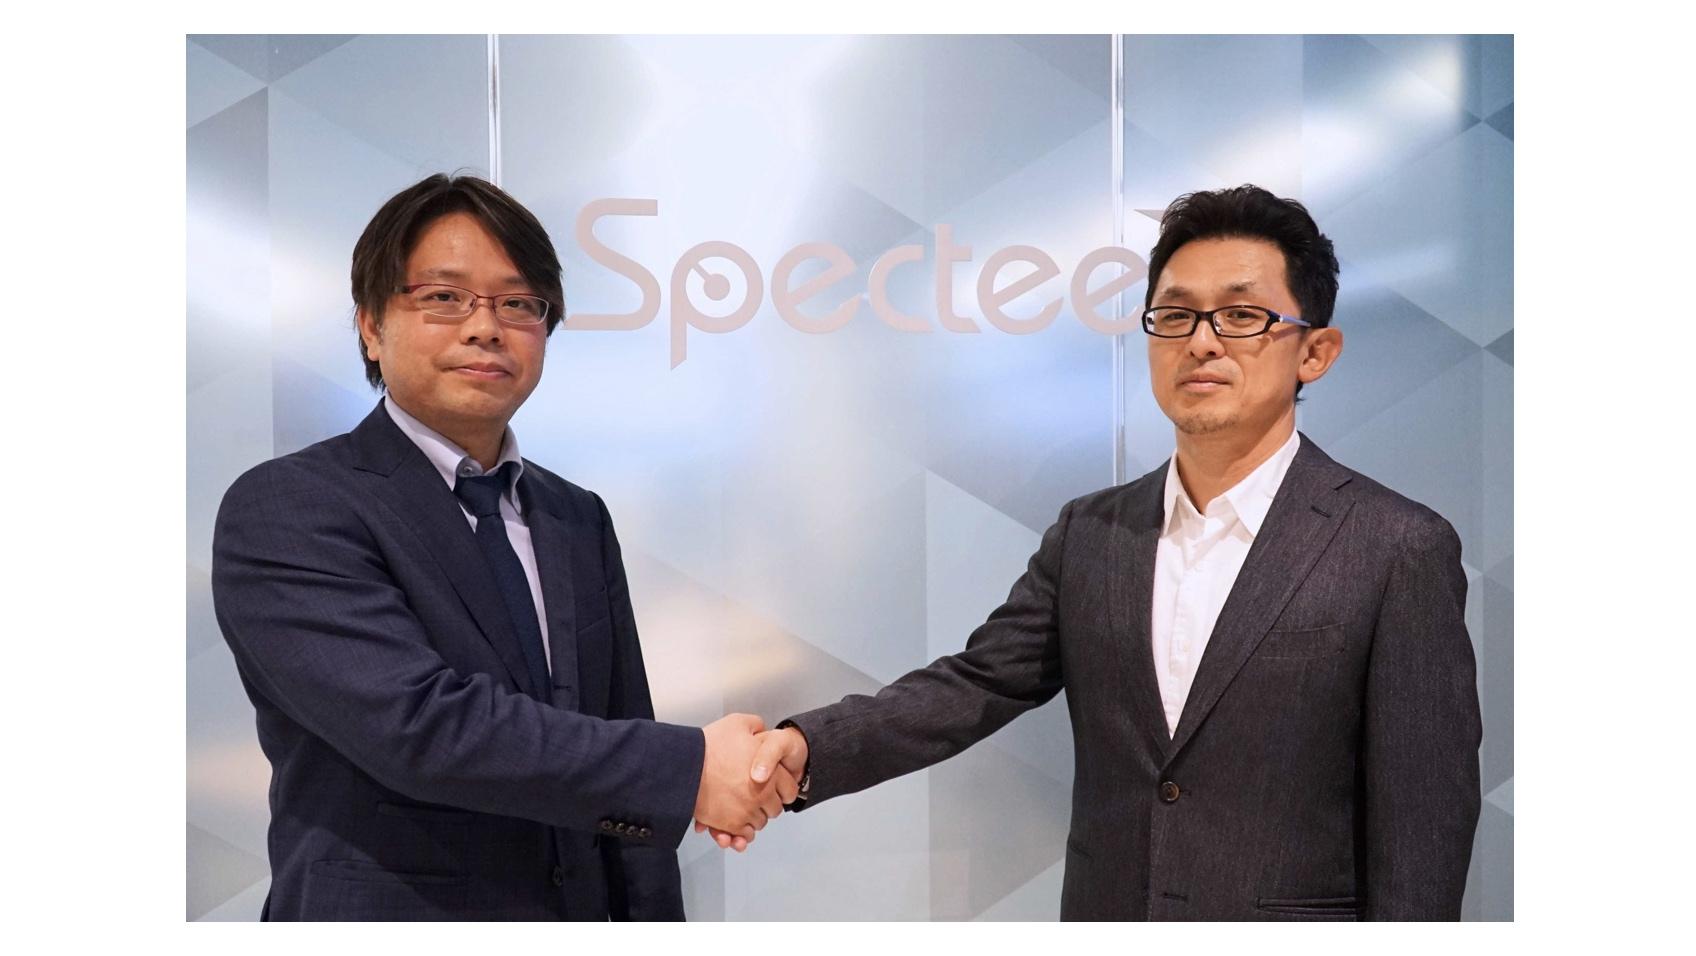 防災や危機管理情報解析サービスのSpecteeがソニービジネスソリューションと資本業務提携